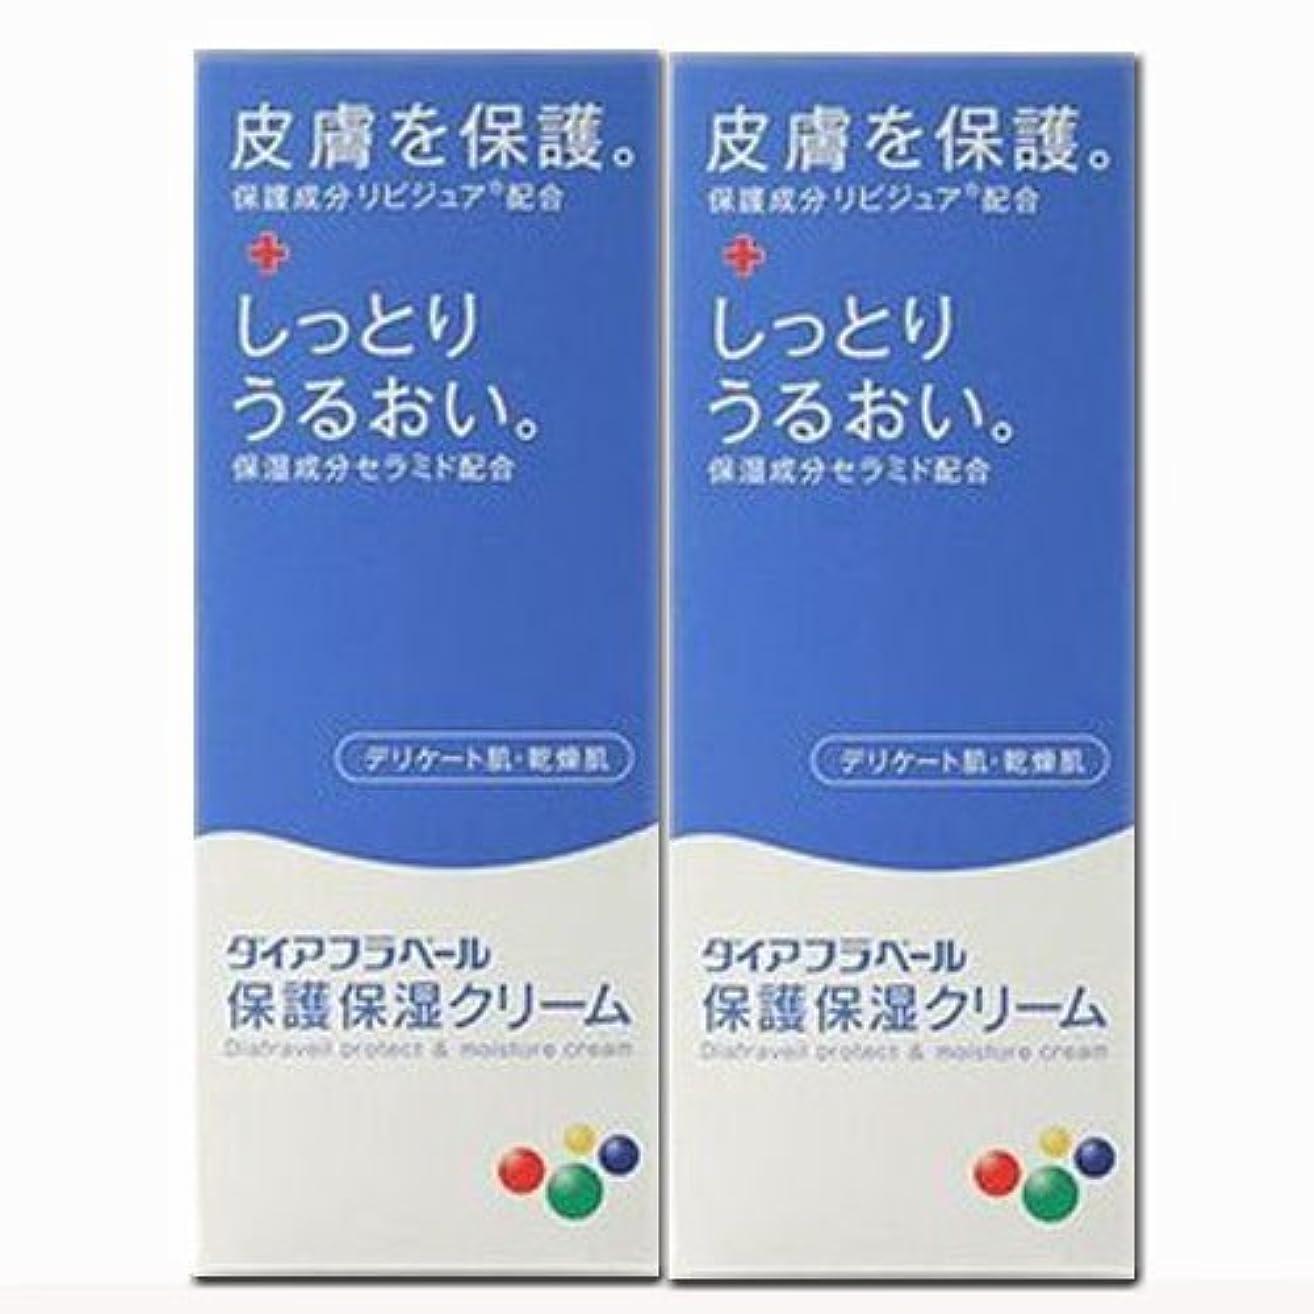 に対して最高状態【2個】ダイアフラベール 保護保湿クリーム 60gx2個 (4987360200539-2)